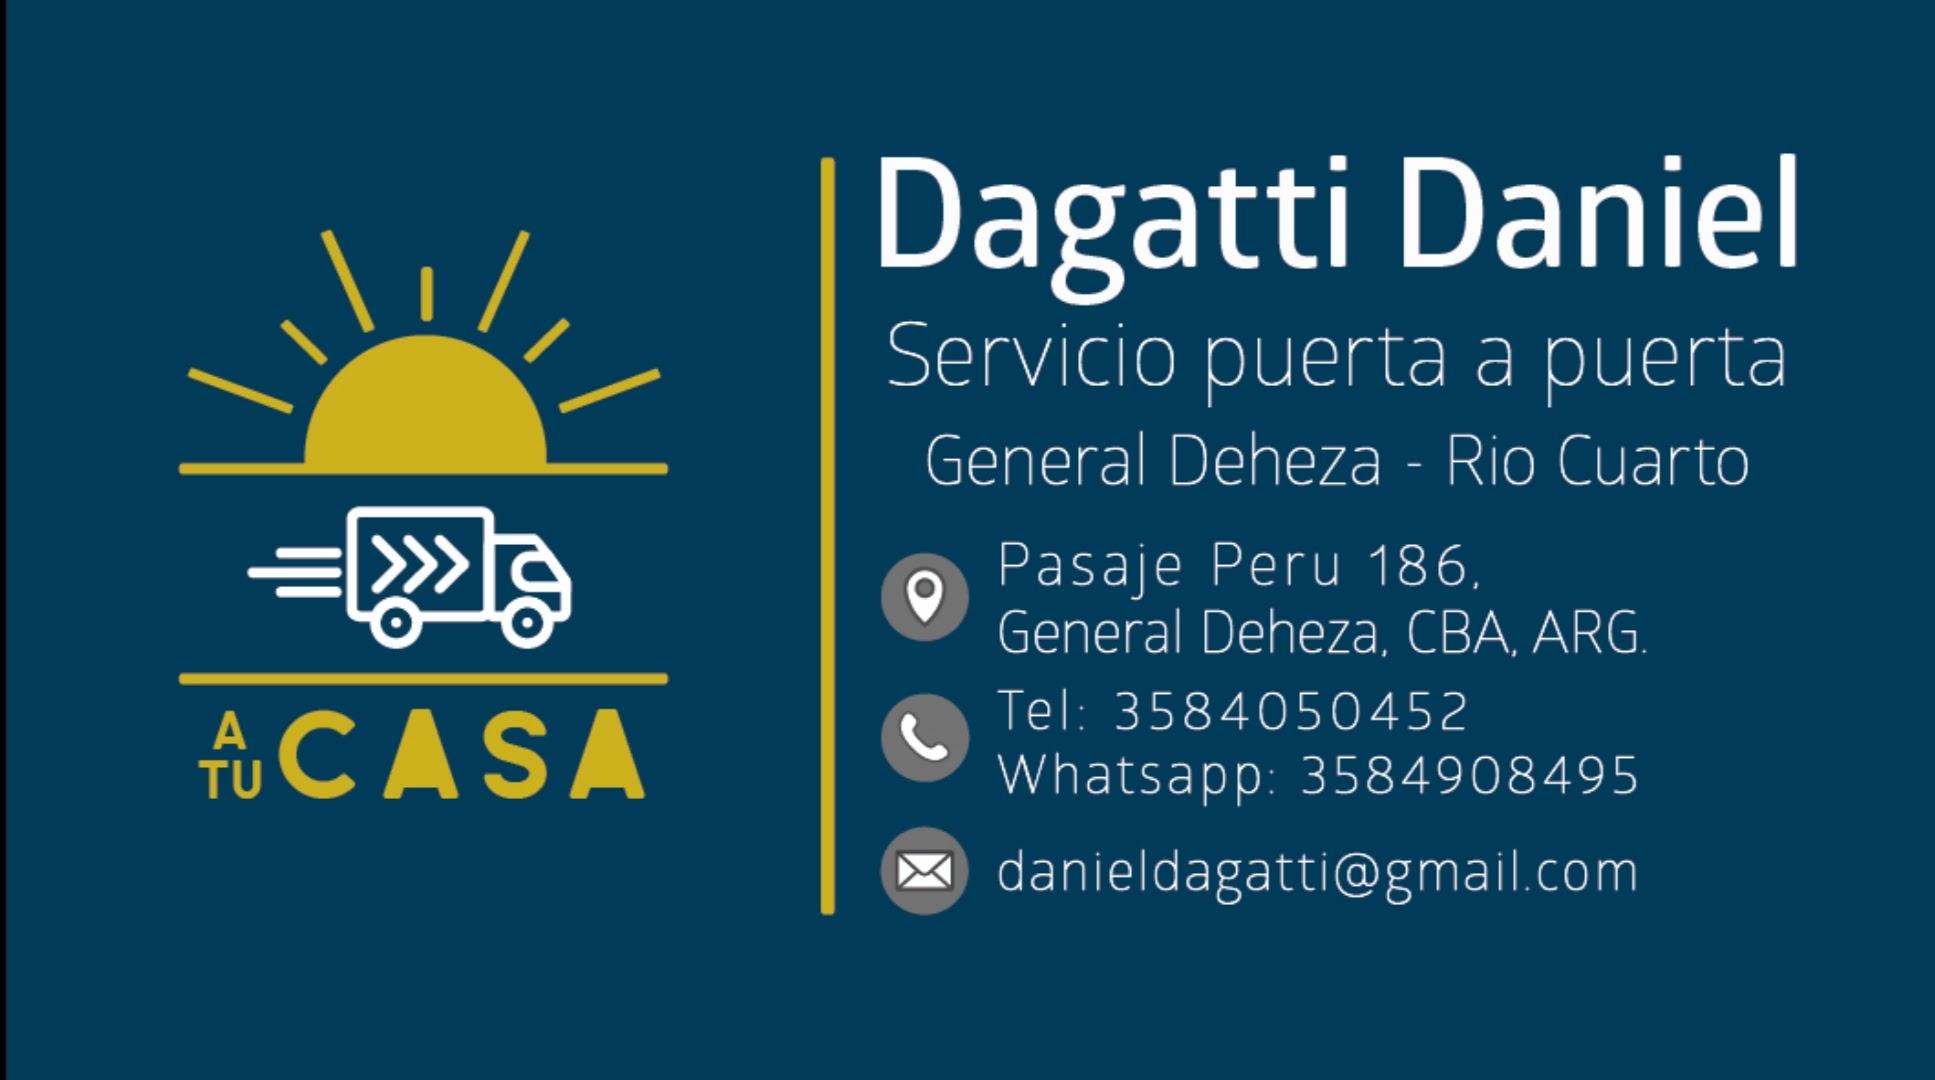 A TU CASA - DANIEL DAGATTI